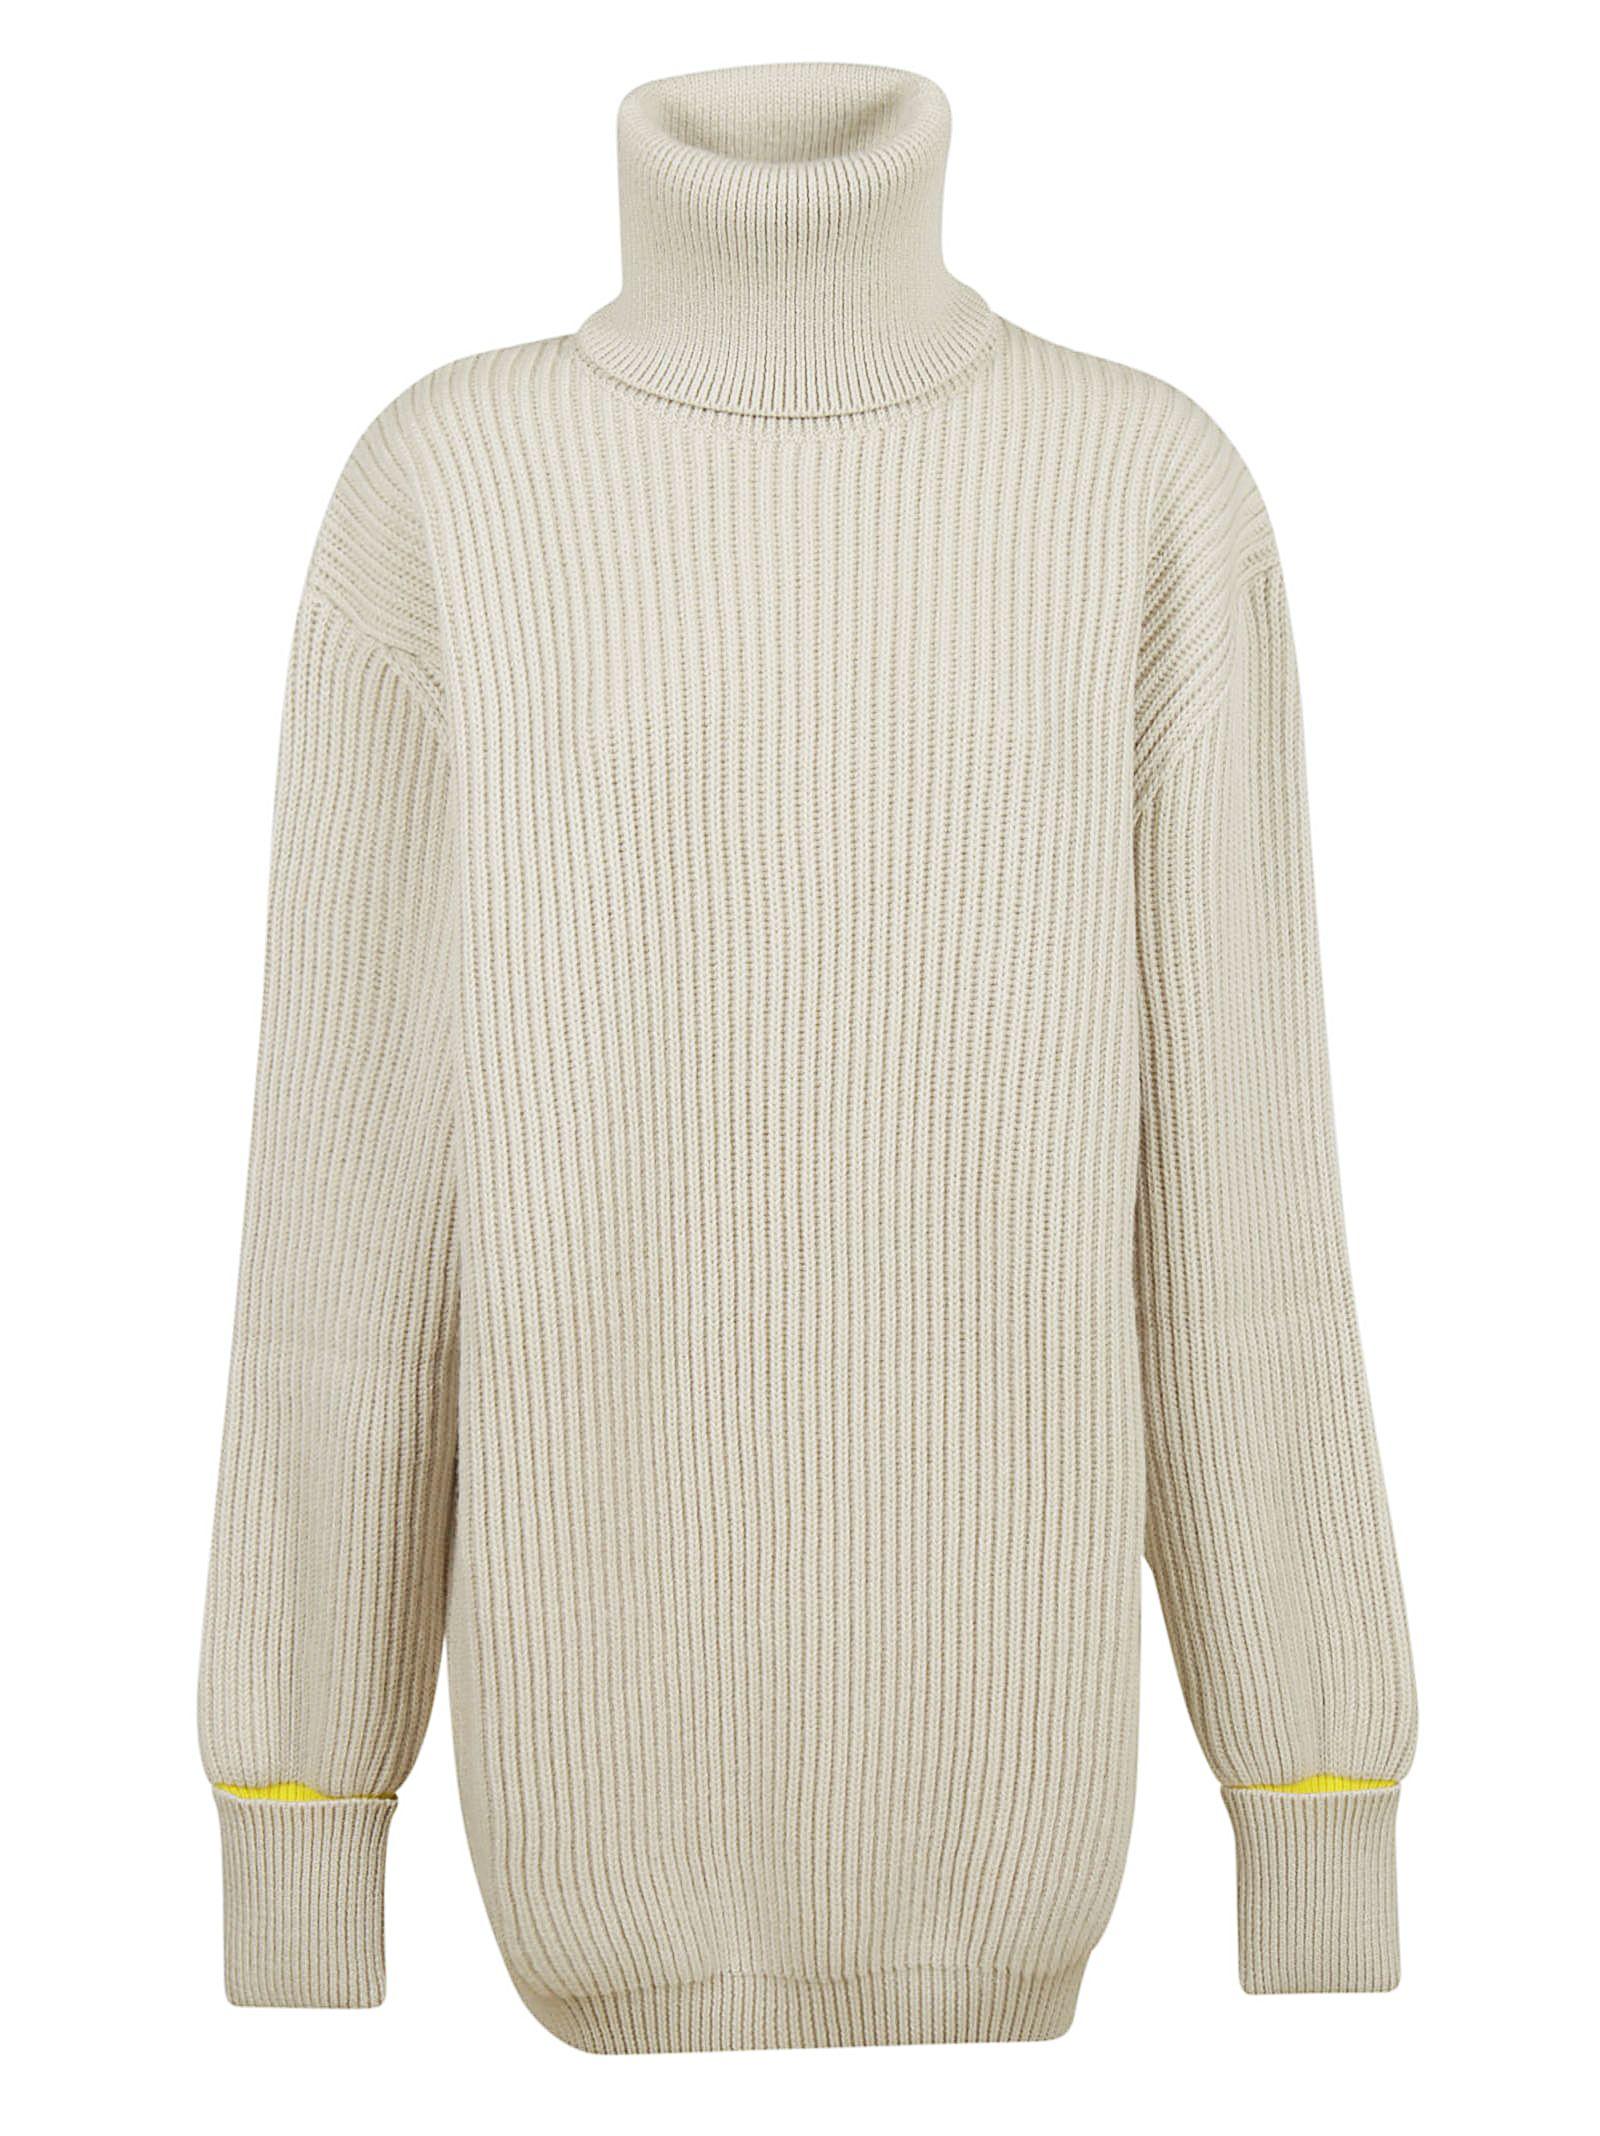 maison margiela -  Oversized Turtle Neck Sweater